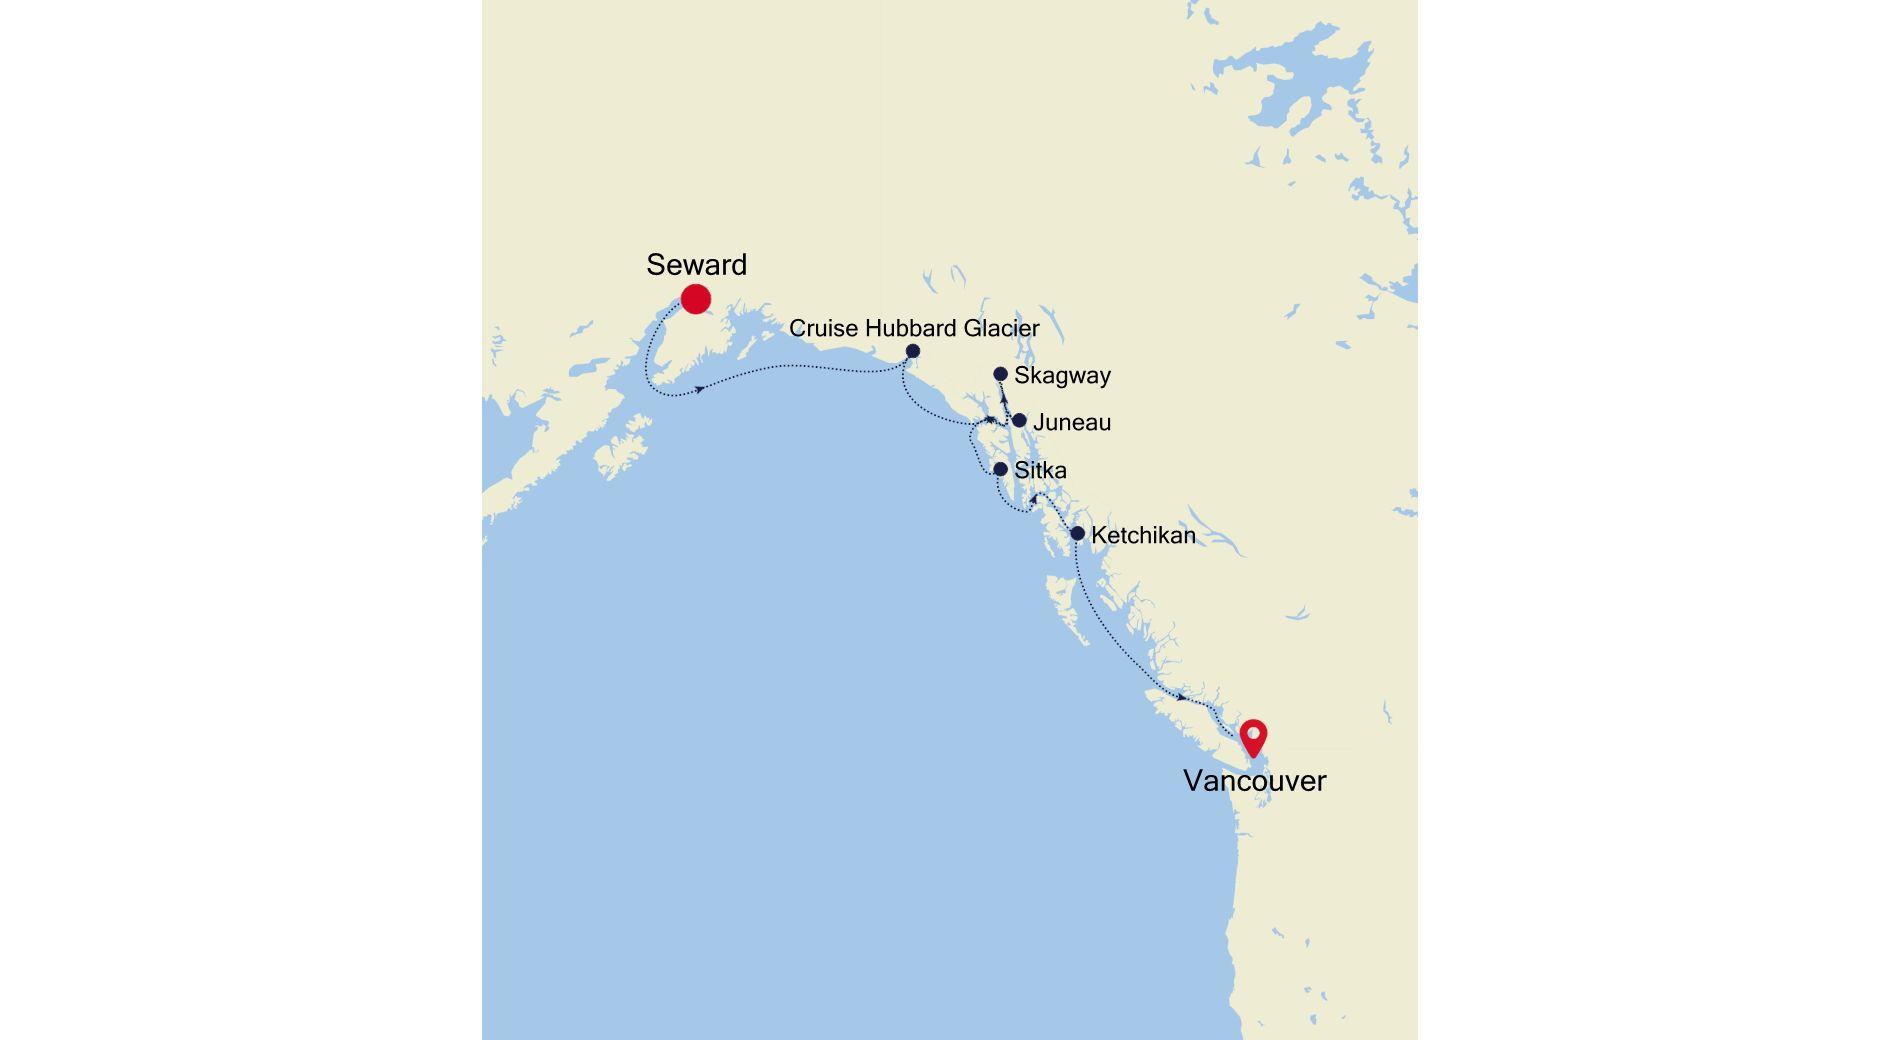 6917 - Seward à Vancouver